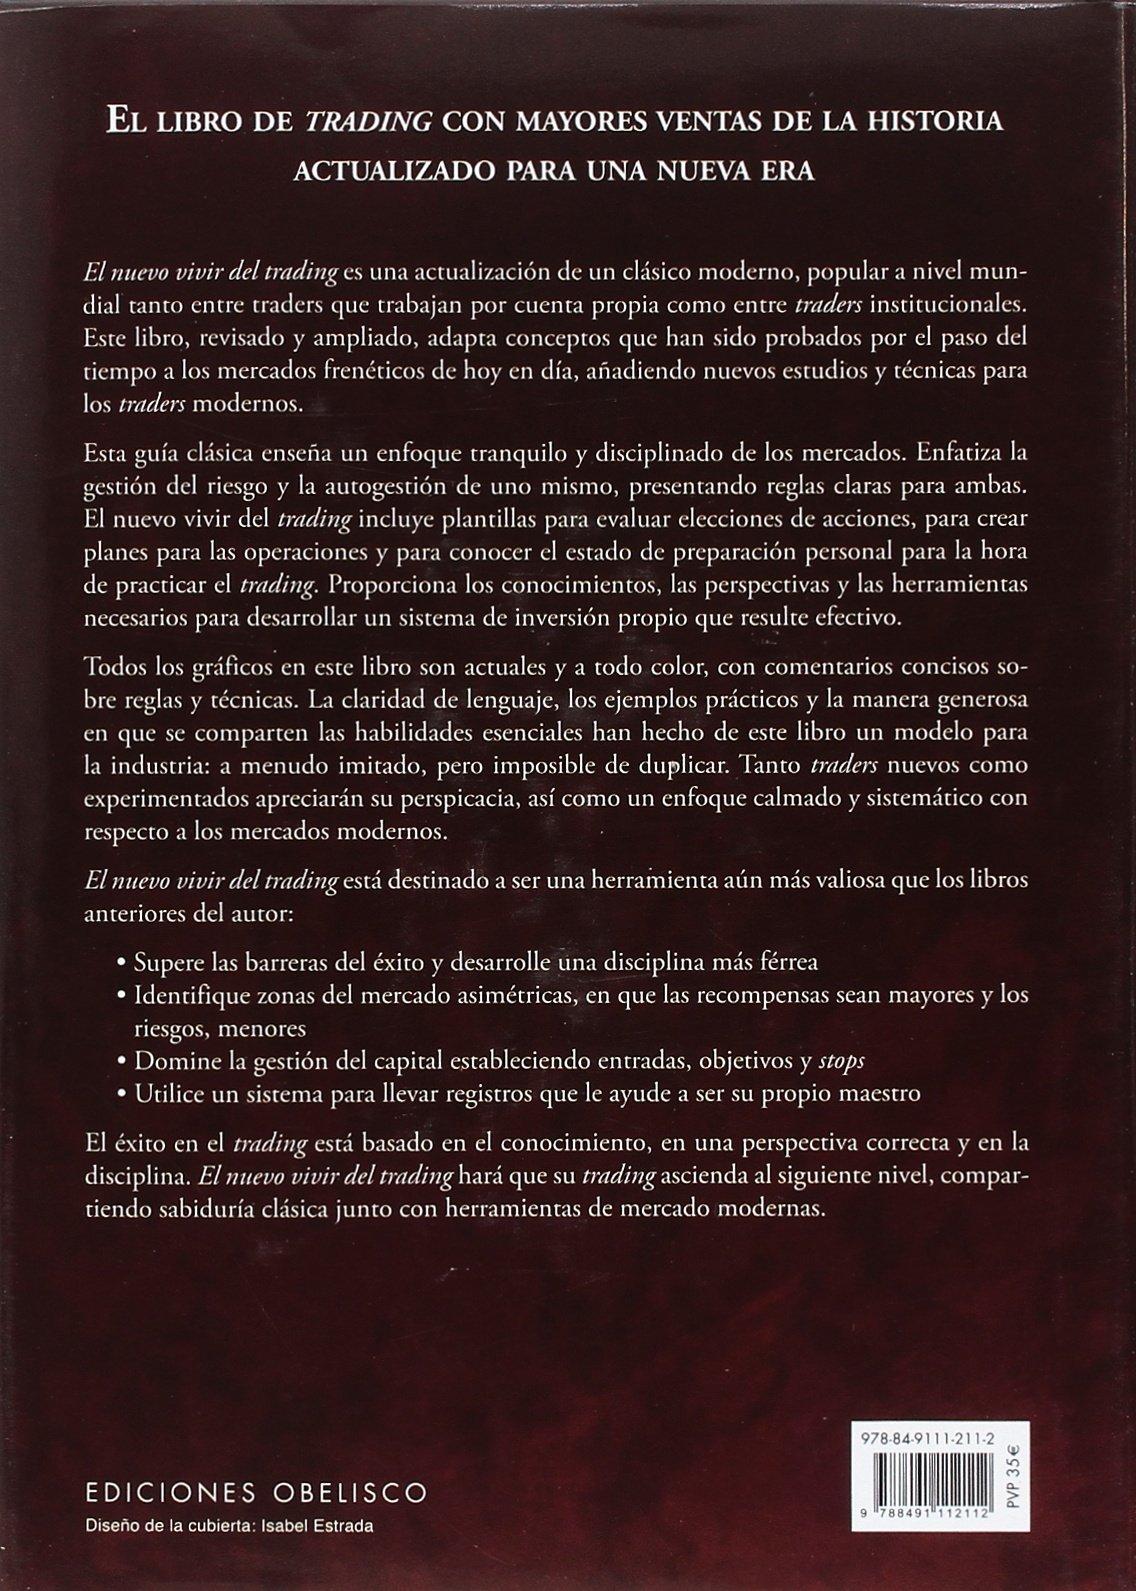 El nuevo vivir del trading (EXITO): Amazon.es: ALEXANDER ELDER, ISRAEL  PLANAGUMÀ LÓPEZ: Libros